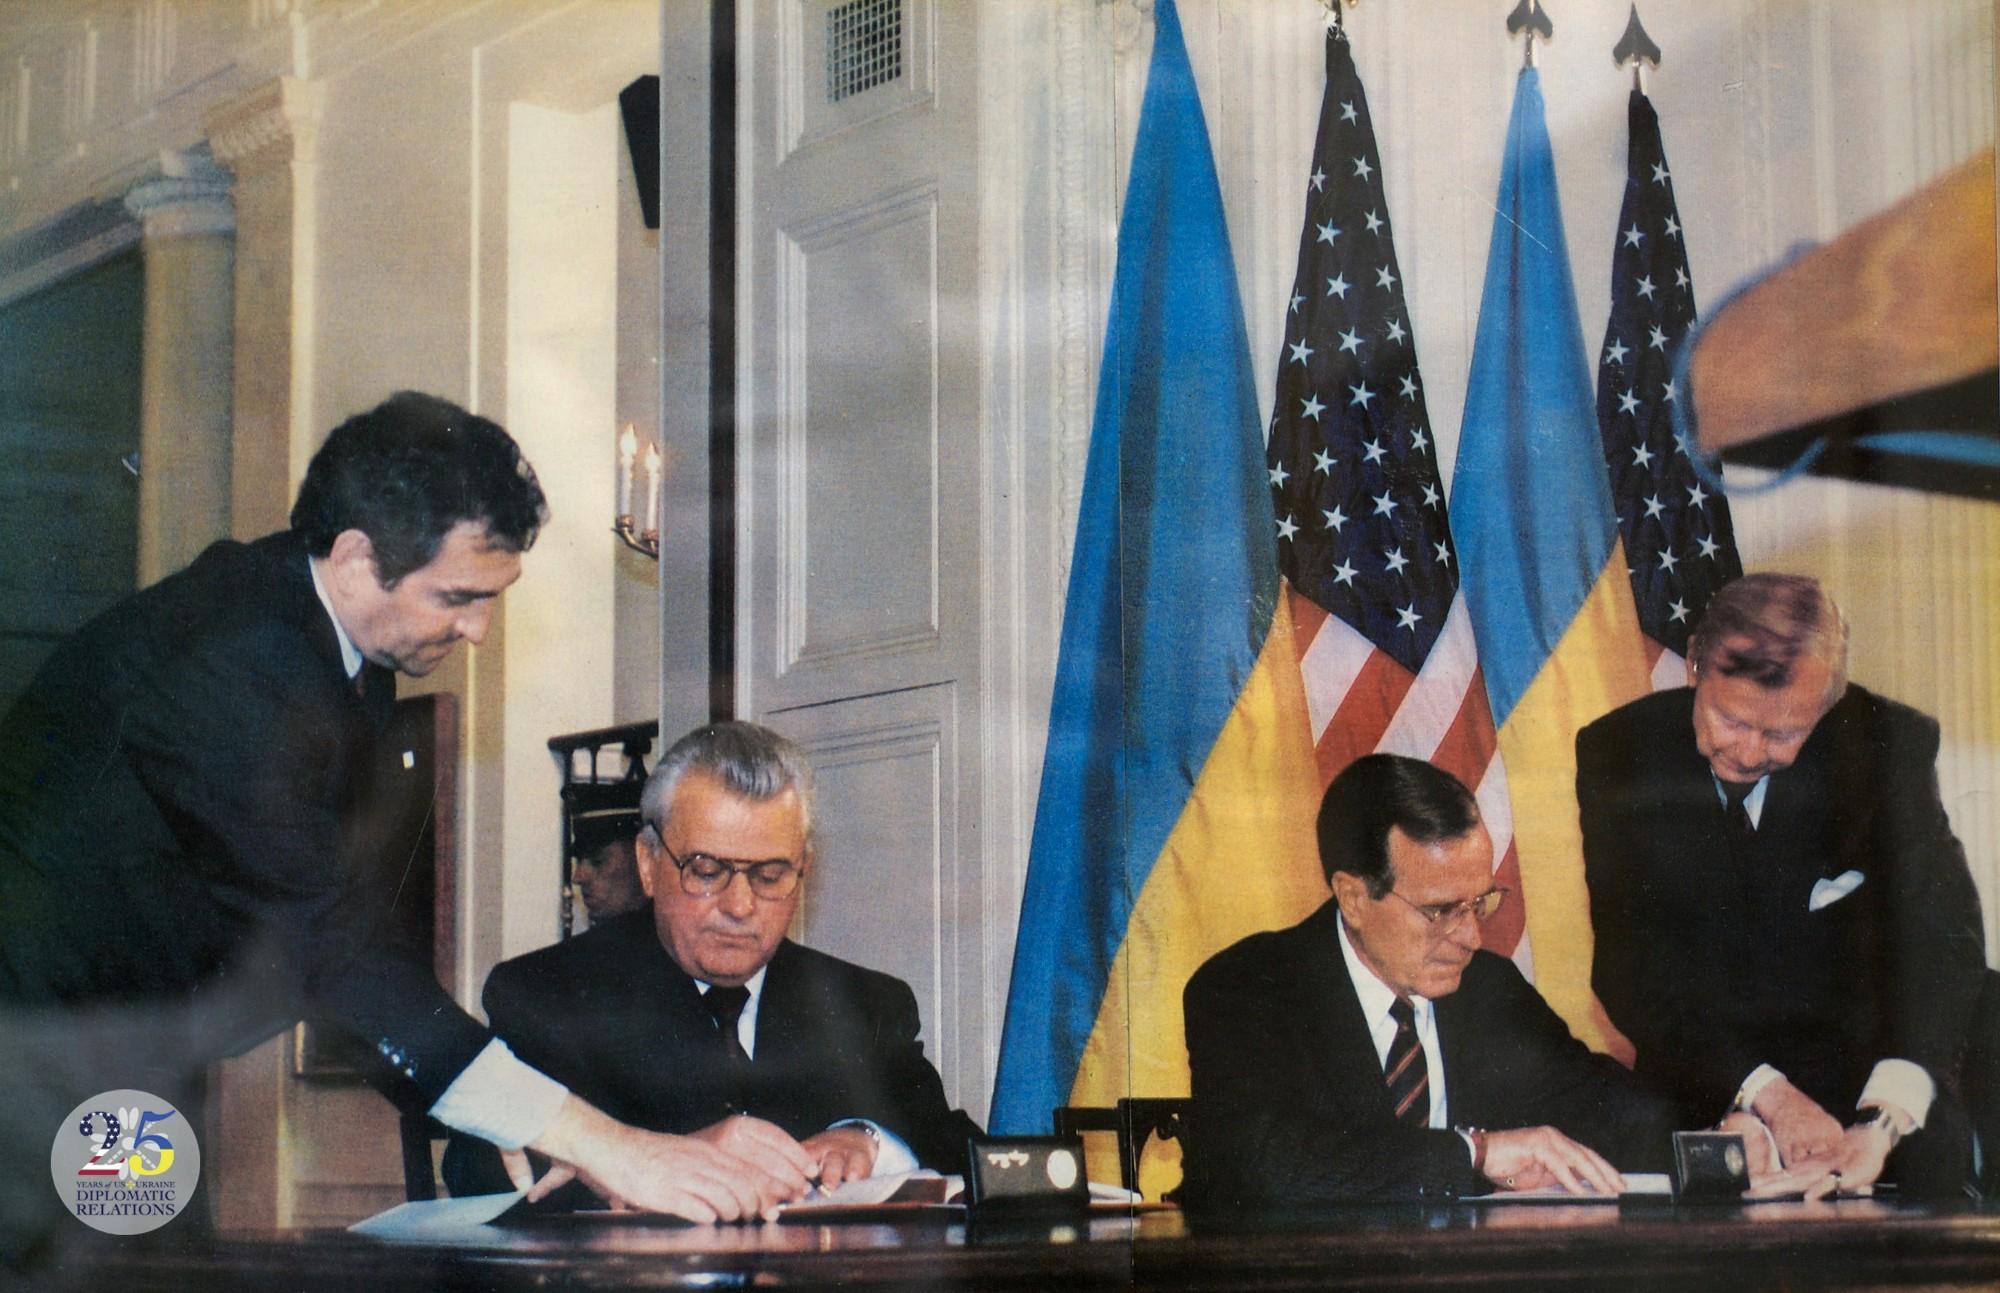 Подписание двустороннего межправительственного соглашения Президентом США  Бушем и Президентом Украины Кравчуком.